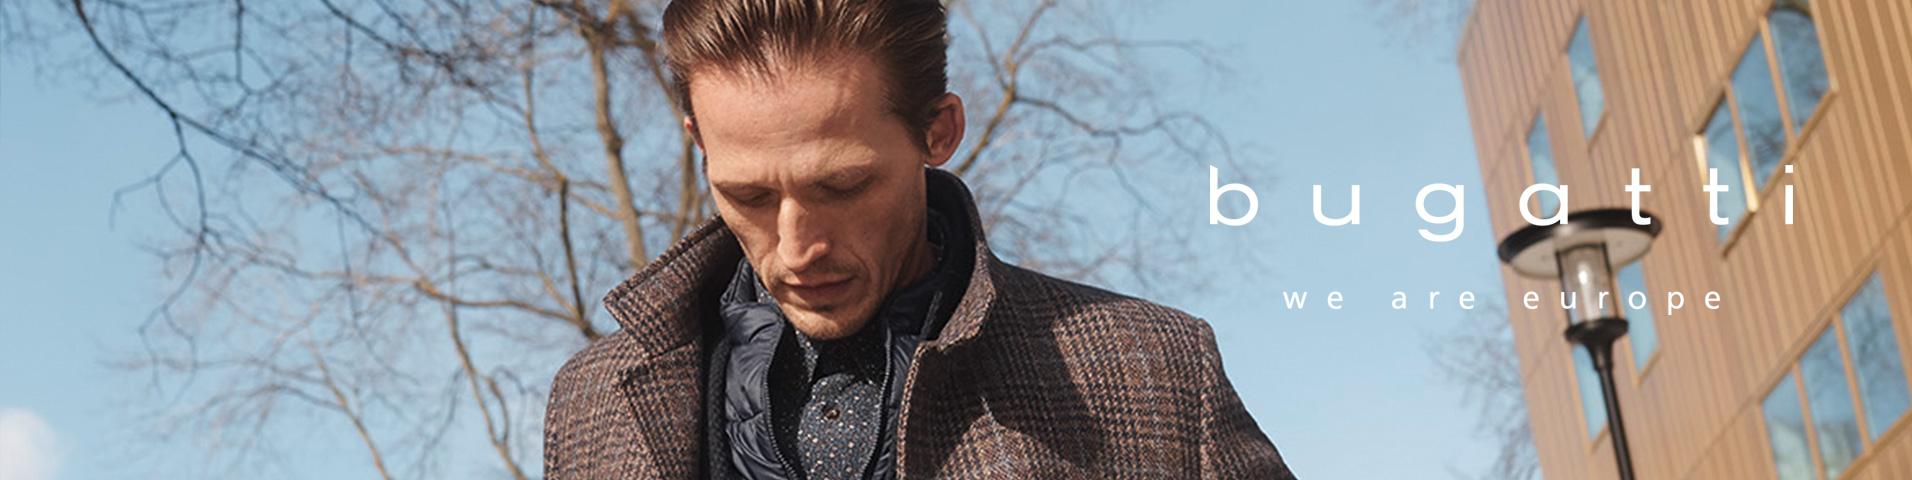 Bugatti Krawatten & Accessoires für Herren online shoppen